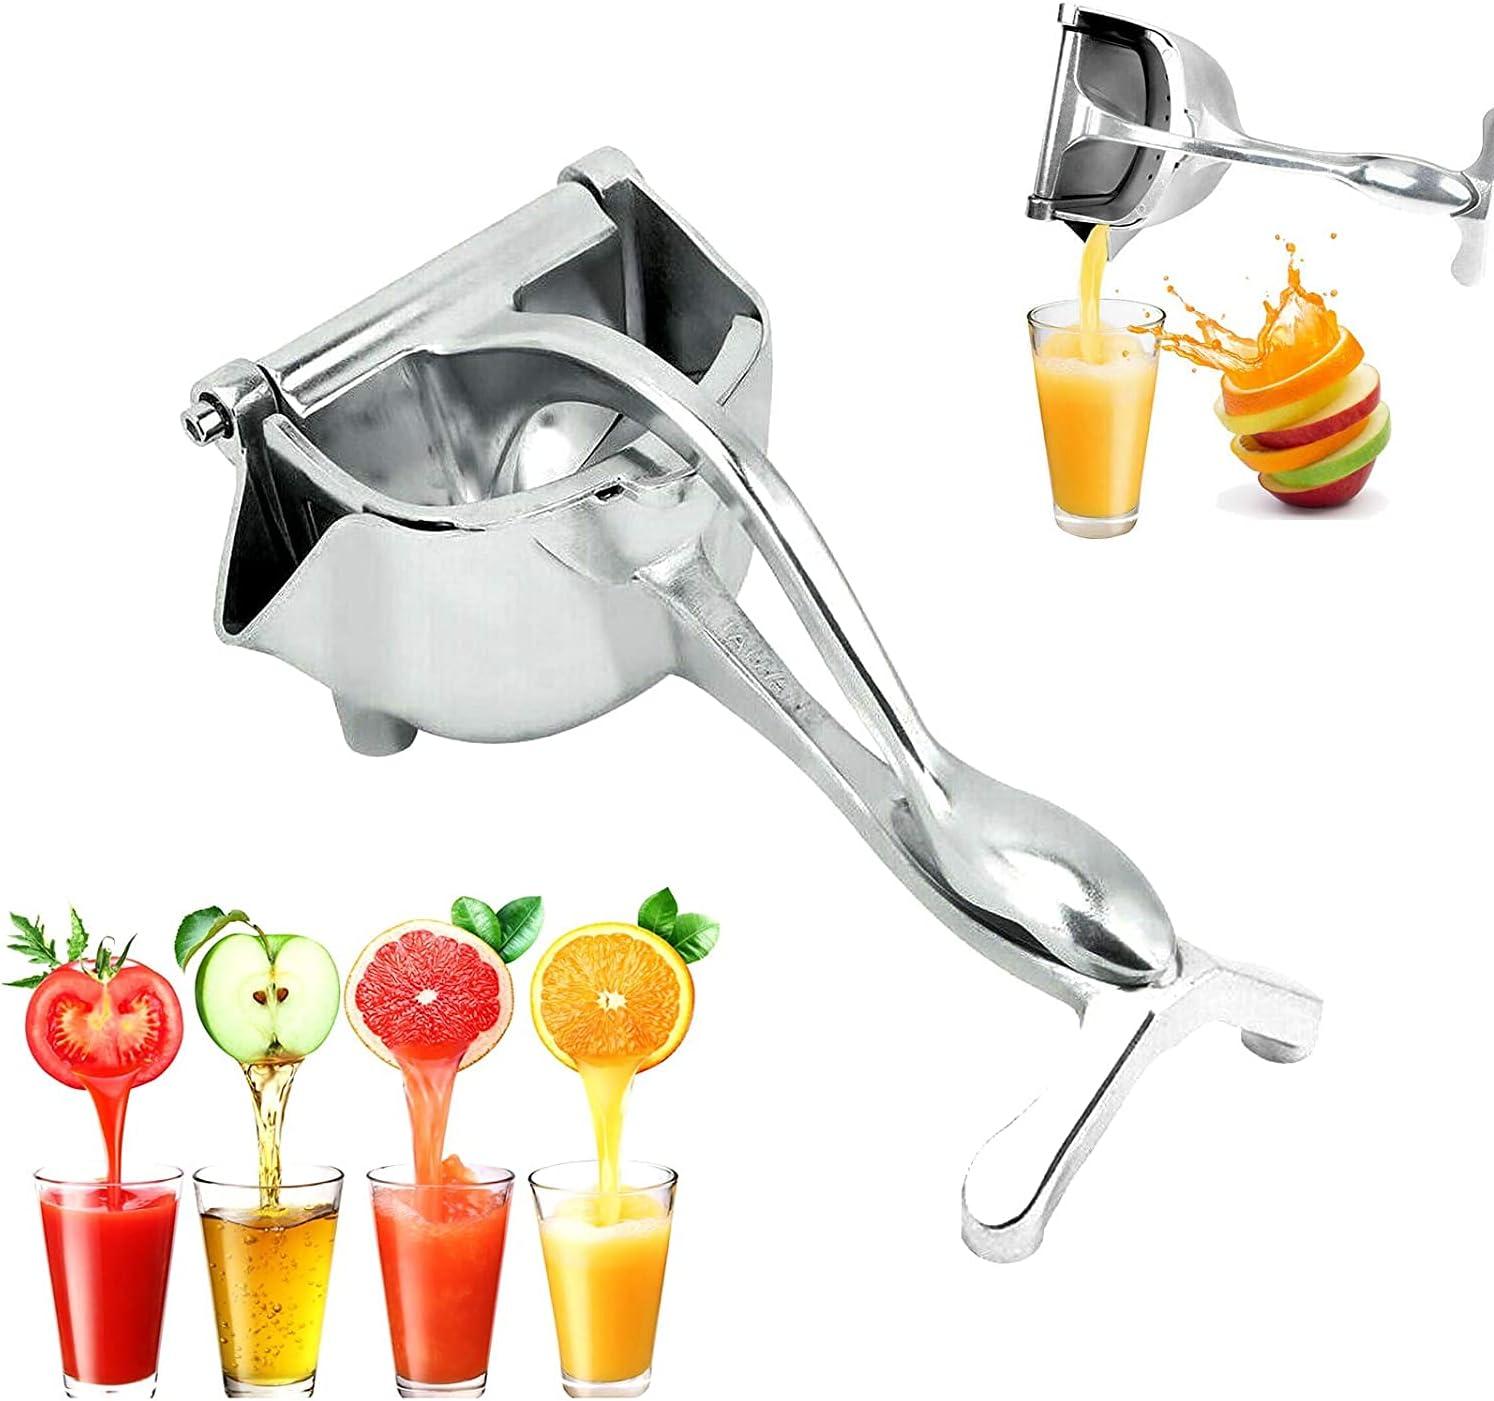 Exprimidor manual, prensa de fruta portátil, exprimidor de limón, naranja, exprimidor de frutas, exprimidor de cítricos, herramienta para todo tipo de frutas sin casco